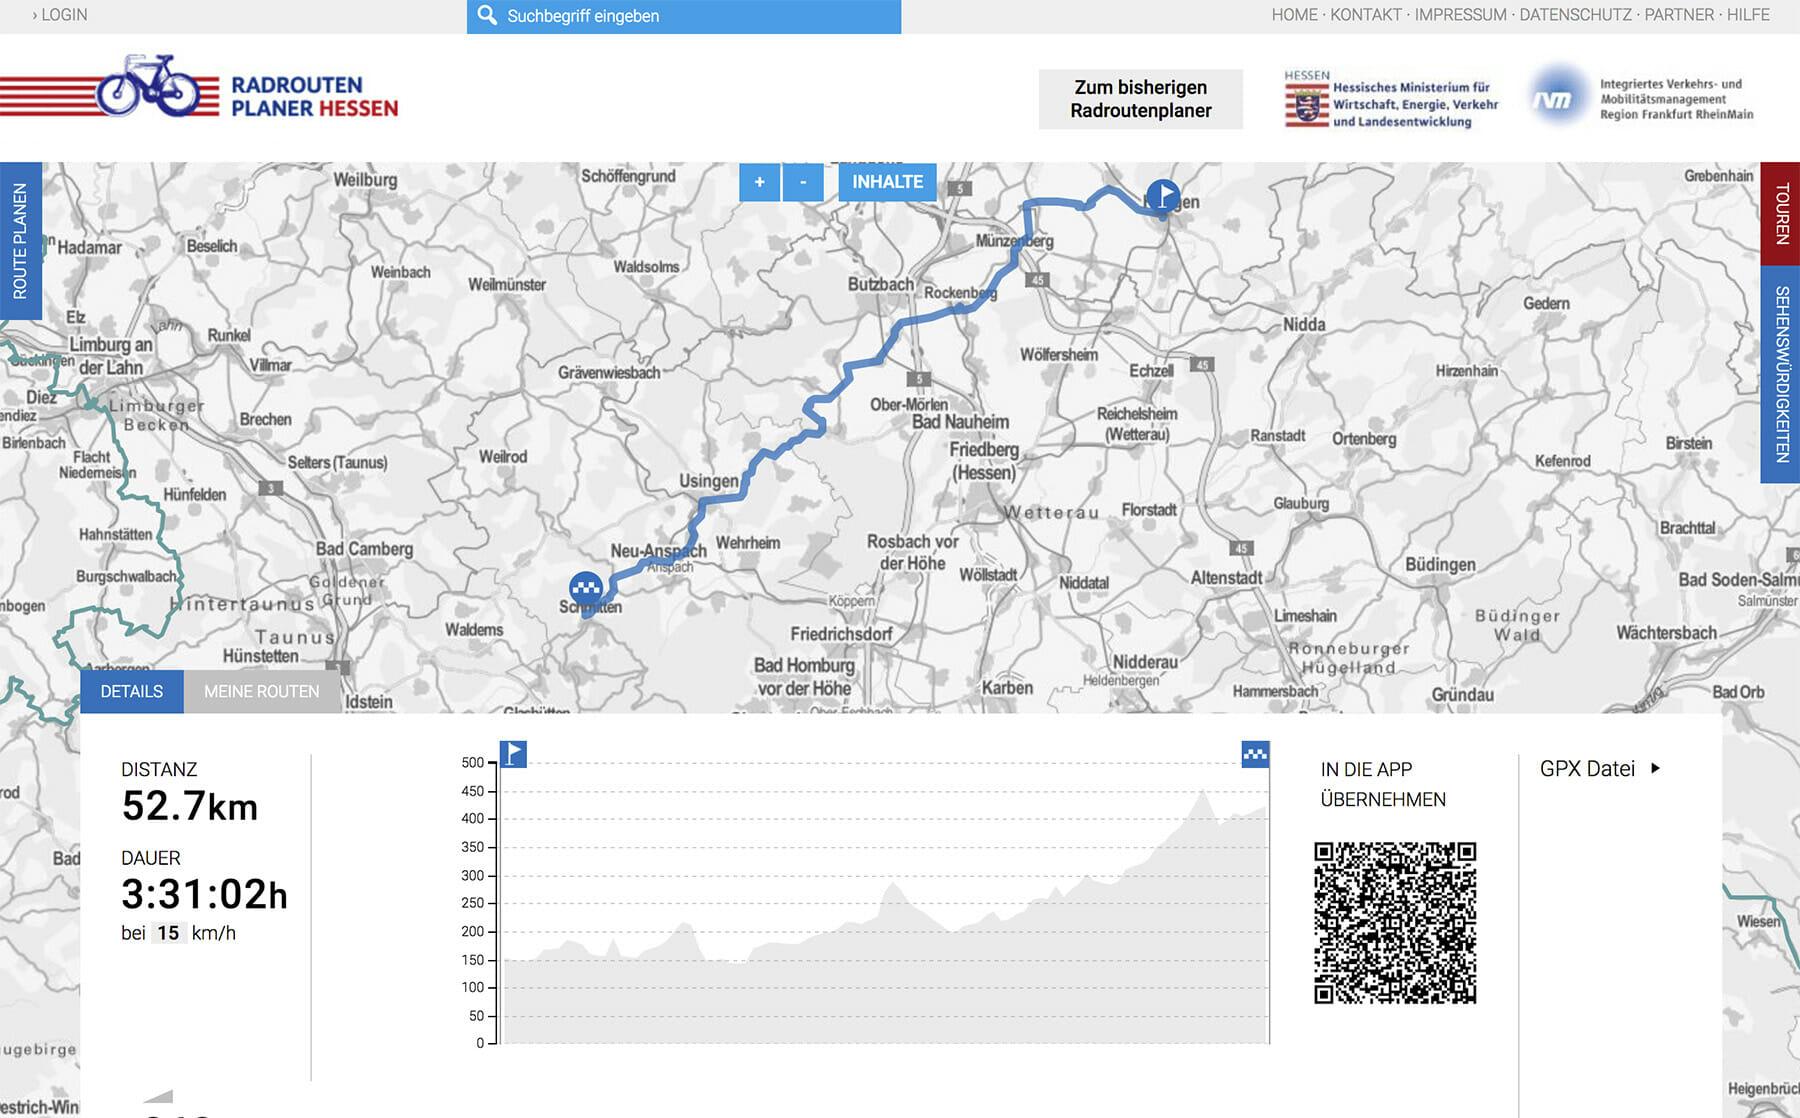 Screenshot Höhenprofil, Dauer und Distanz der Strecke